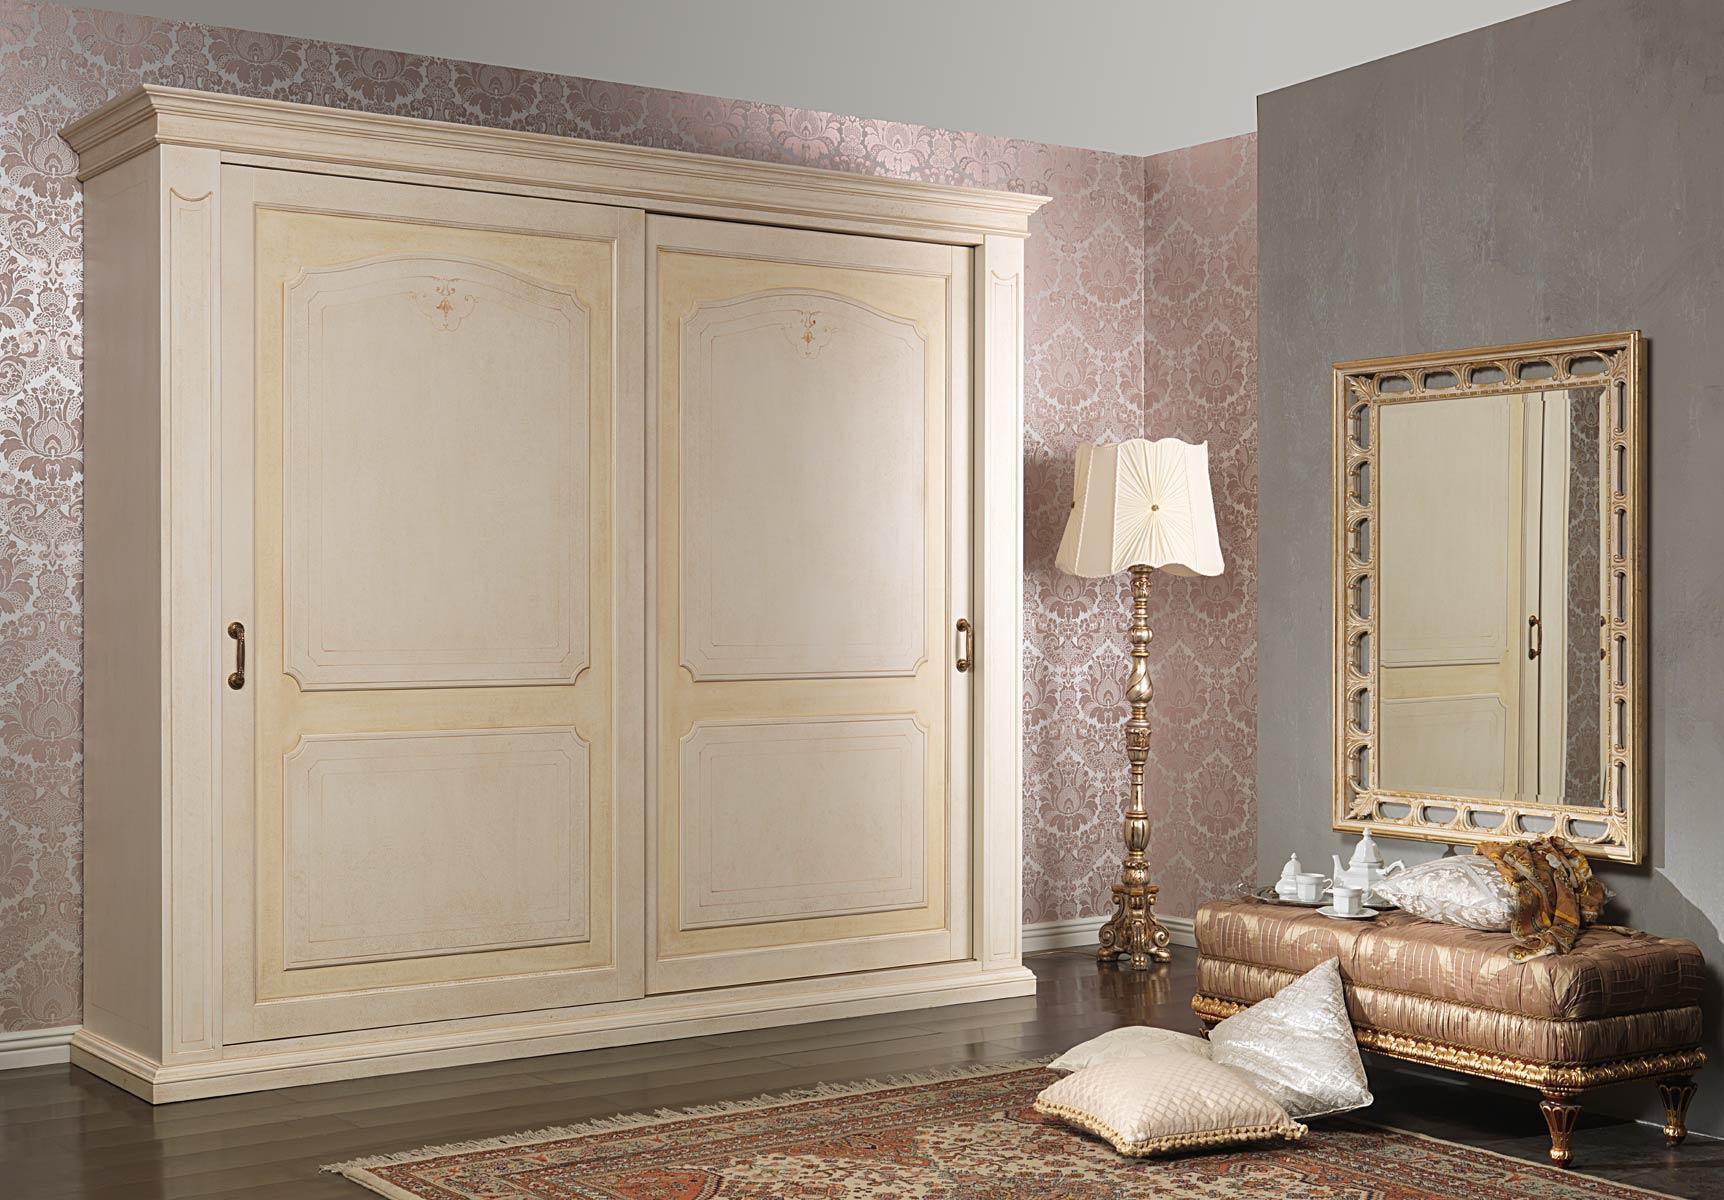 Mondo Convenienza Armadi Classici.Classic Wardrobe Collection Botticelli Vimercati Classic Furniture